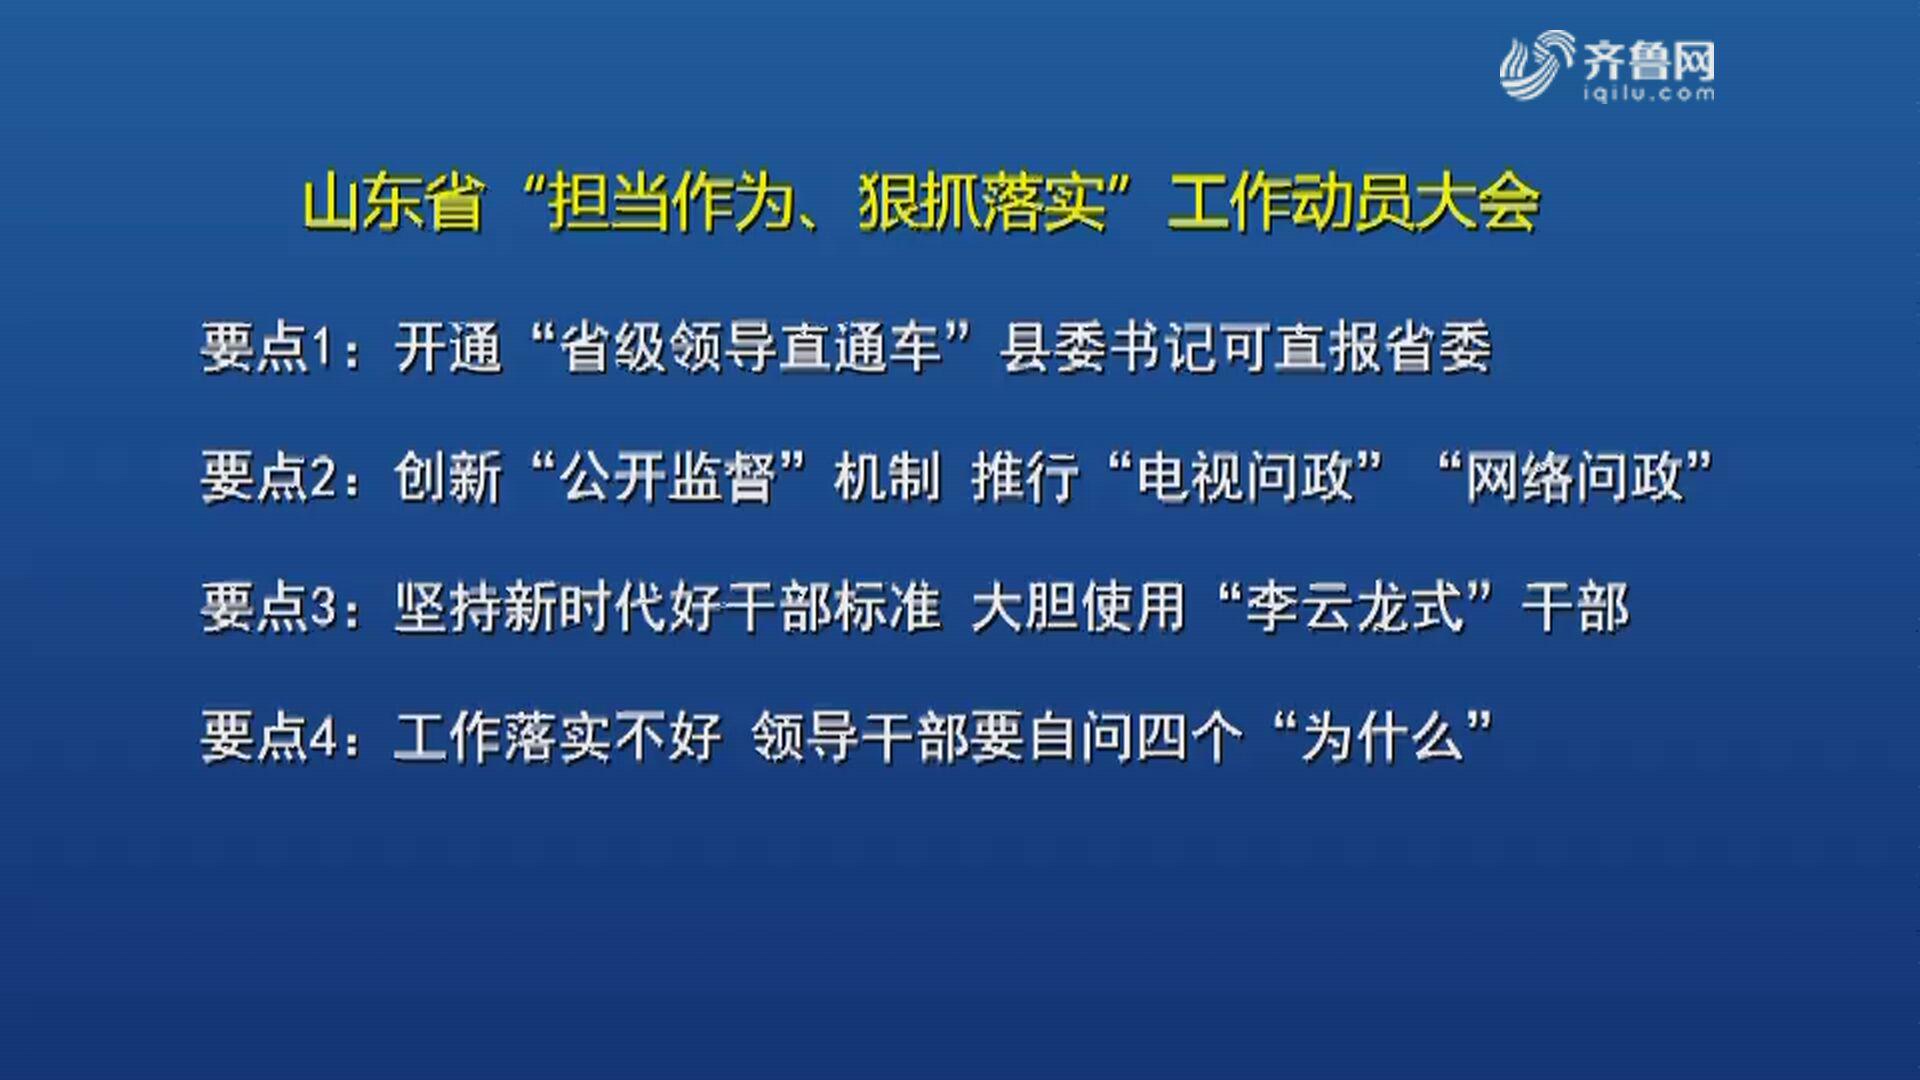 """山东省""""担当作为、狠抓落实""""工作动员大会"""